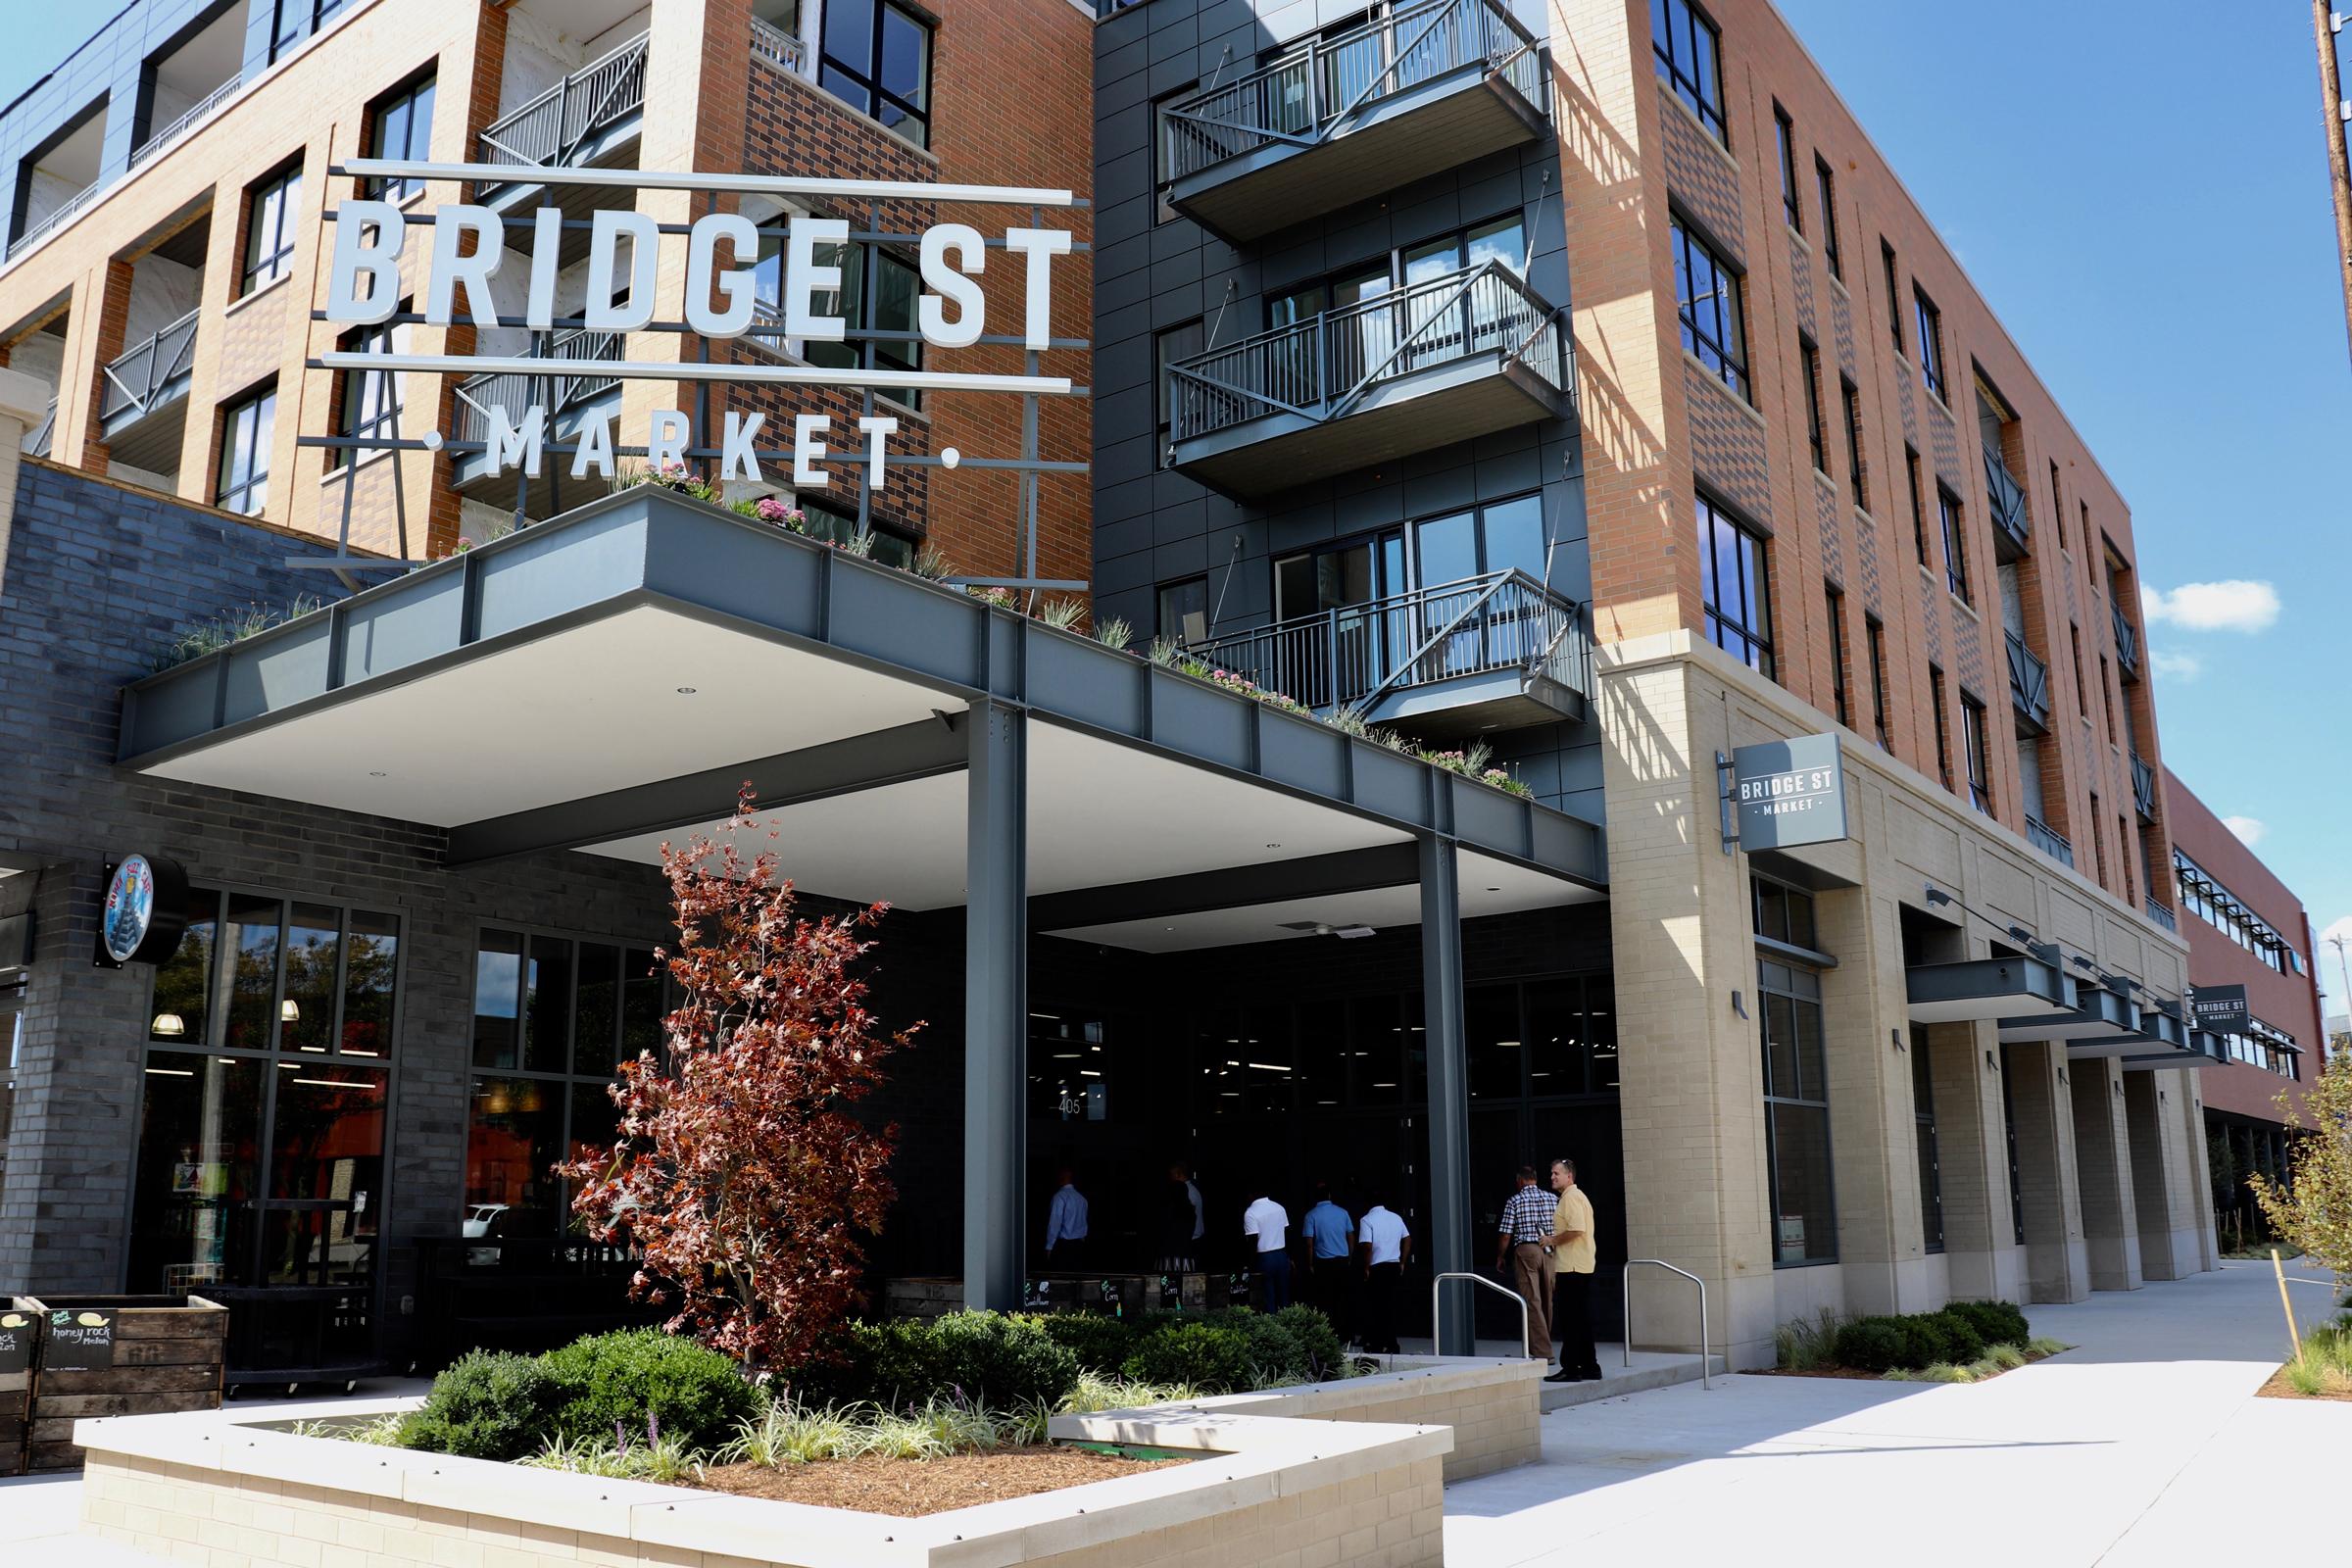 Bridge Street Market entrance.